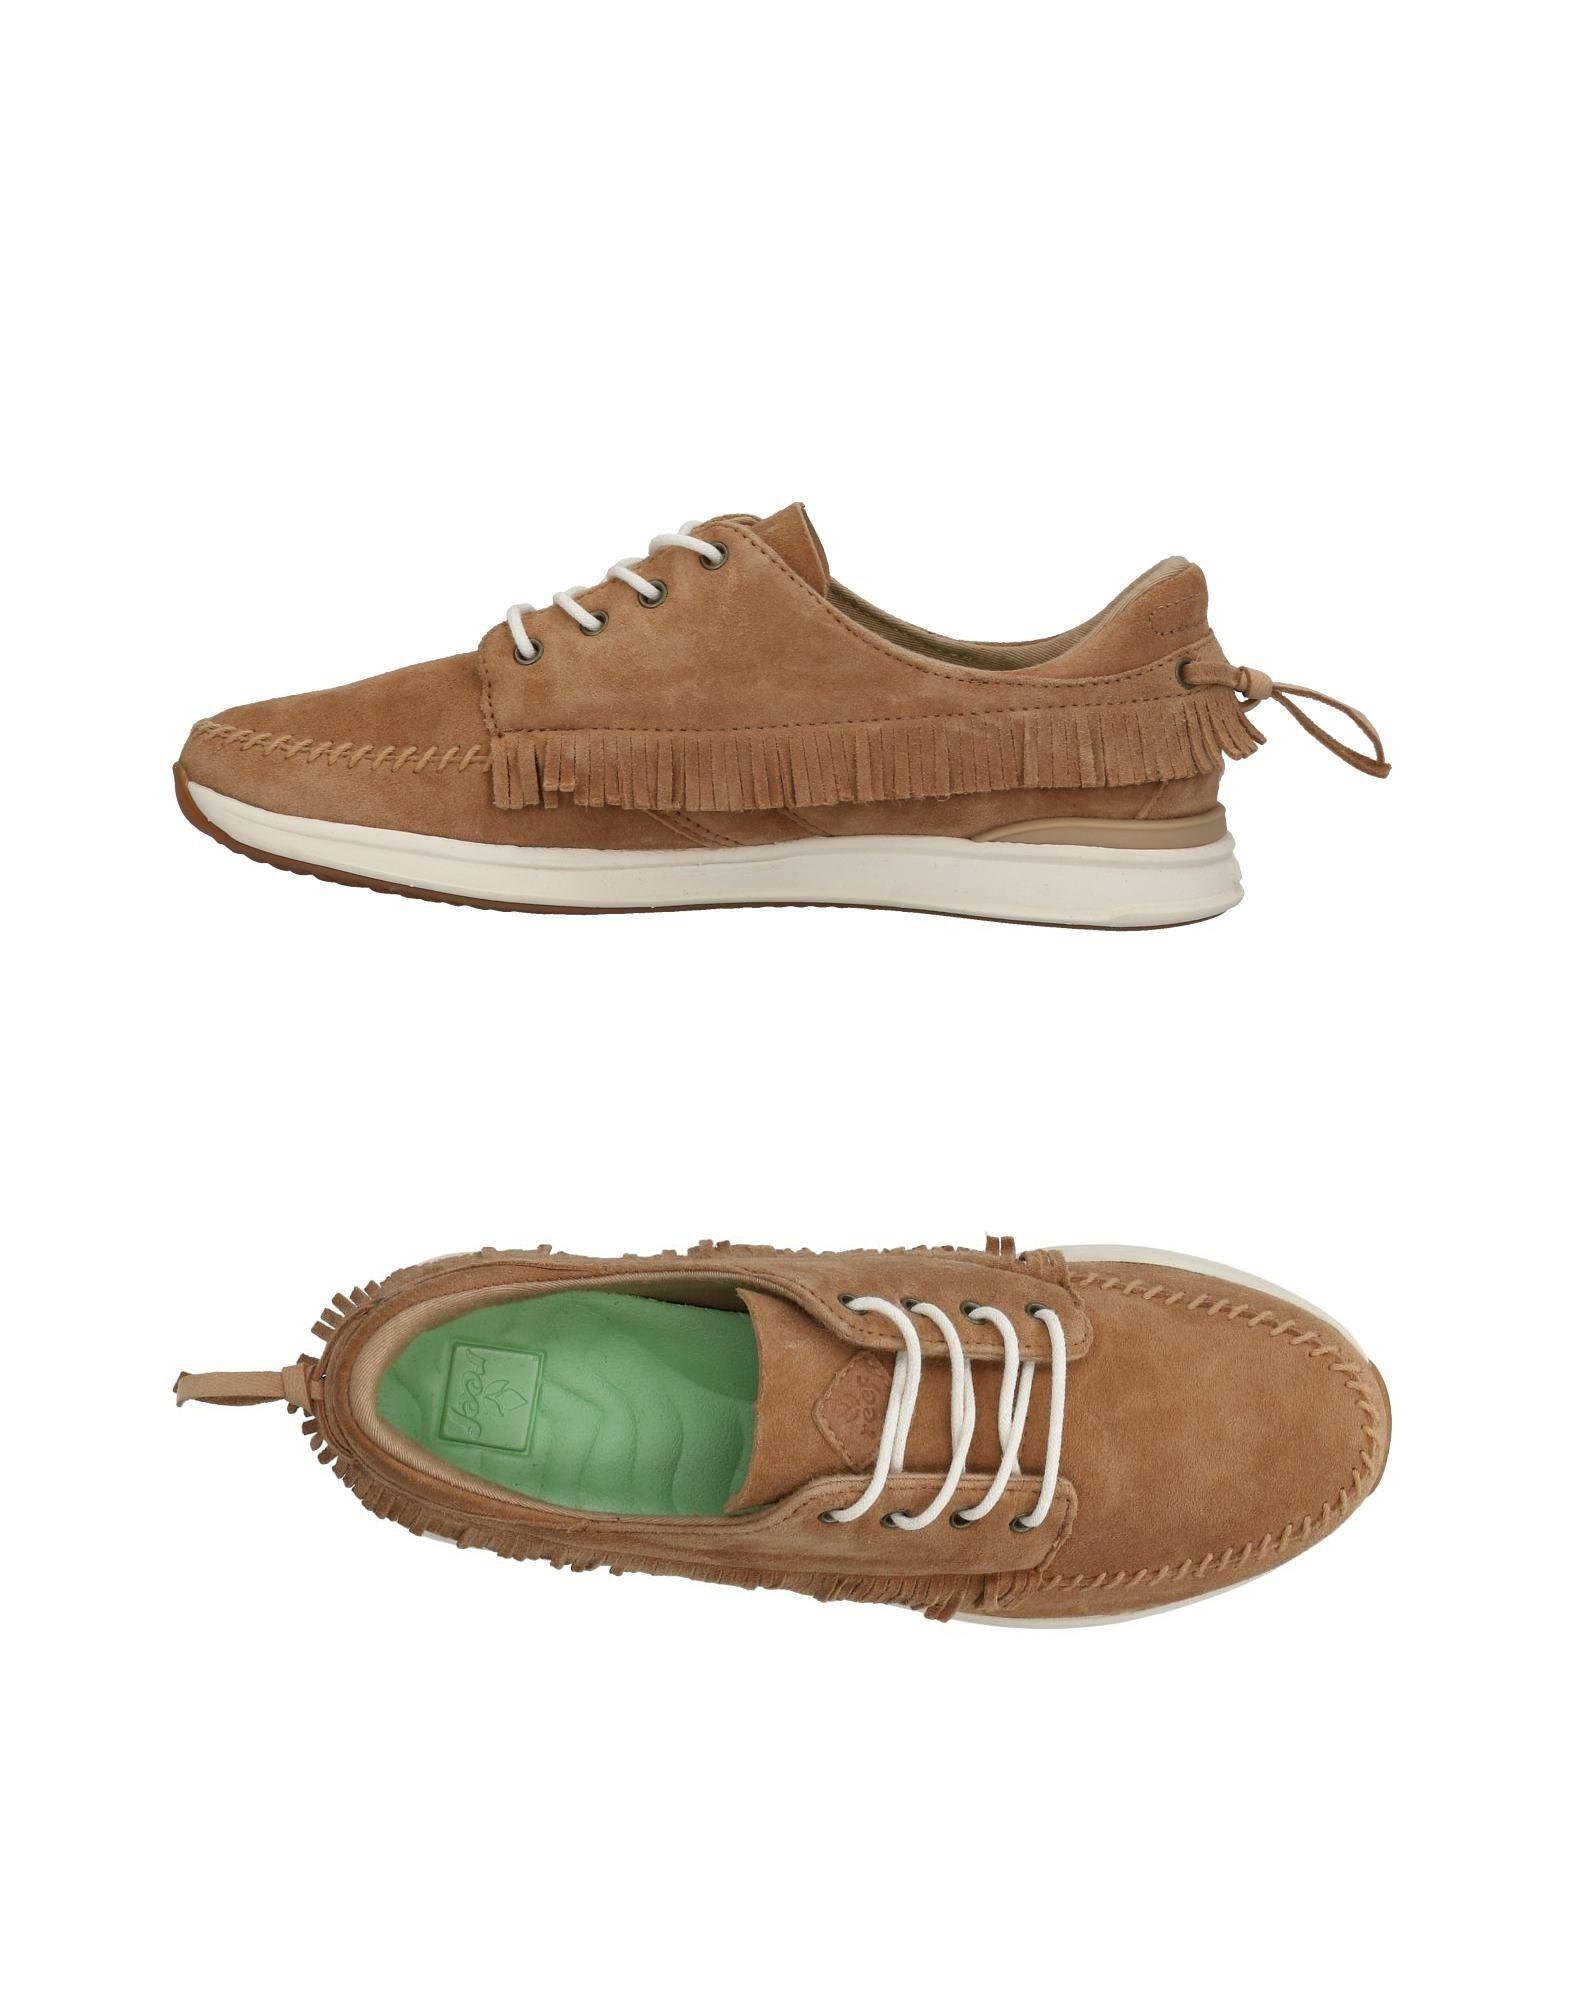 Reef Schnürschuhe Damen  11415370UE Gute Qualität beliebte Schuhe